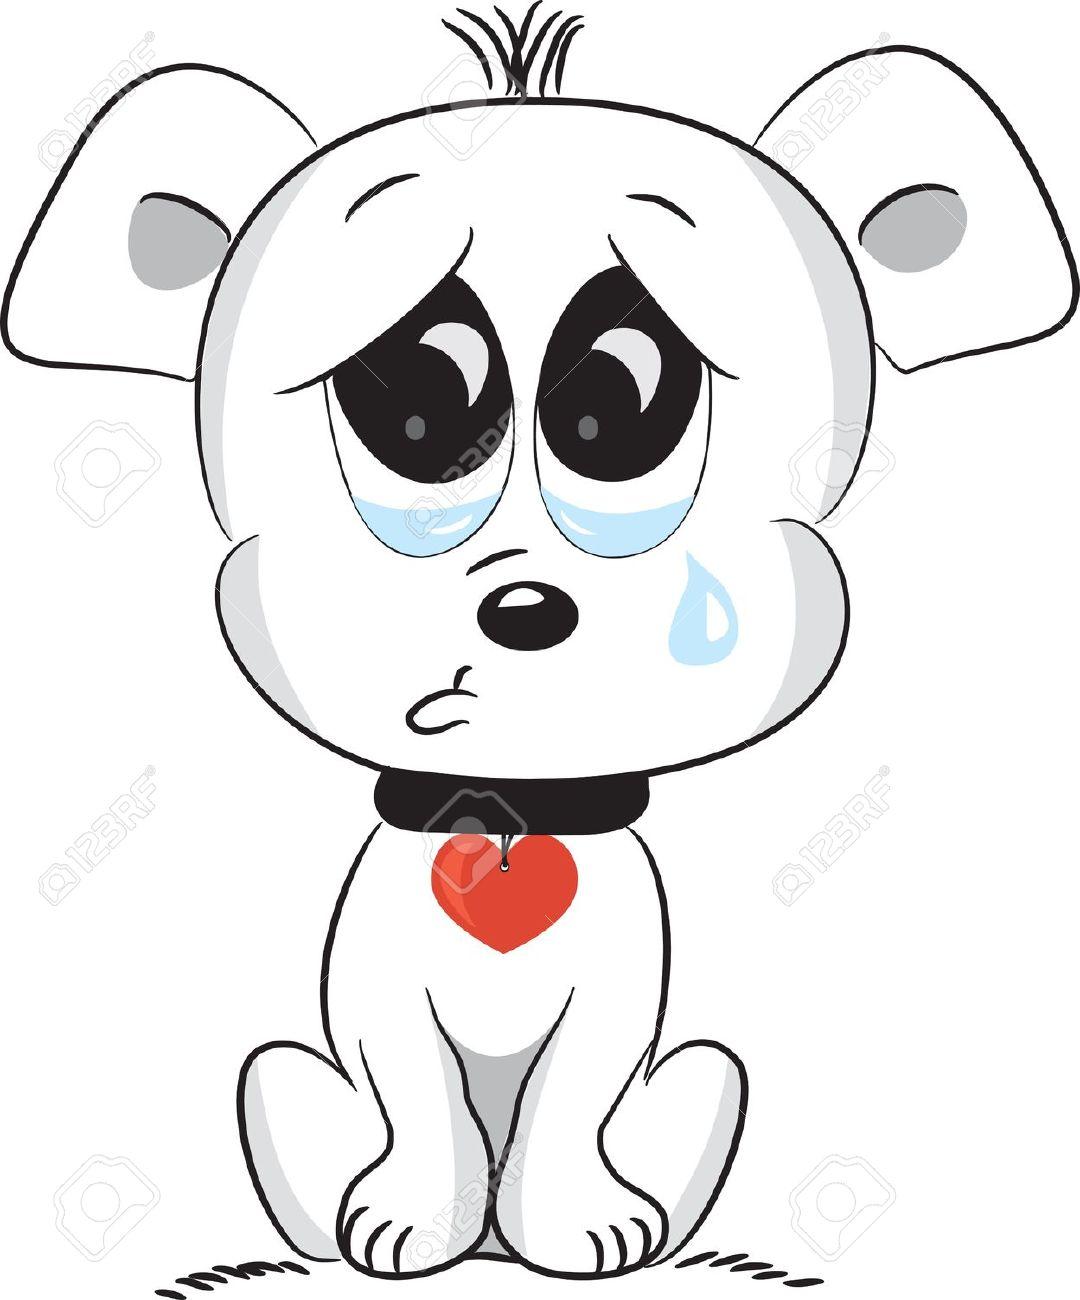 Pets clipart sad #15